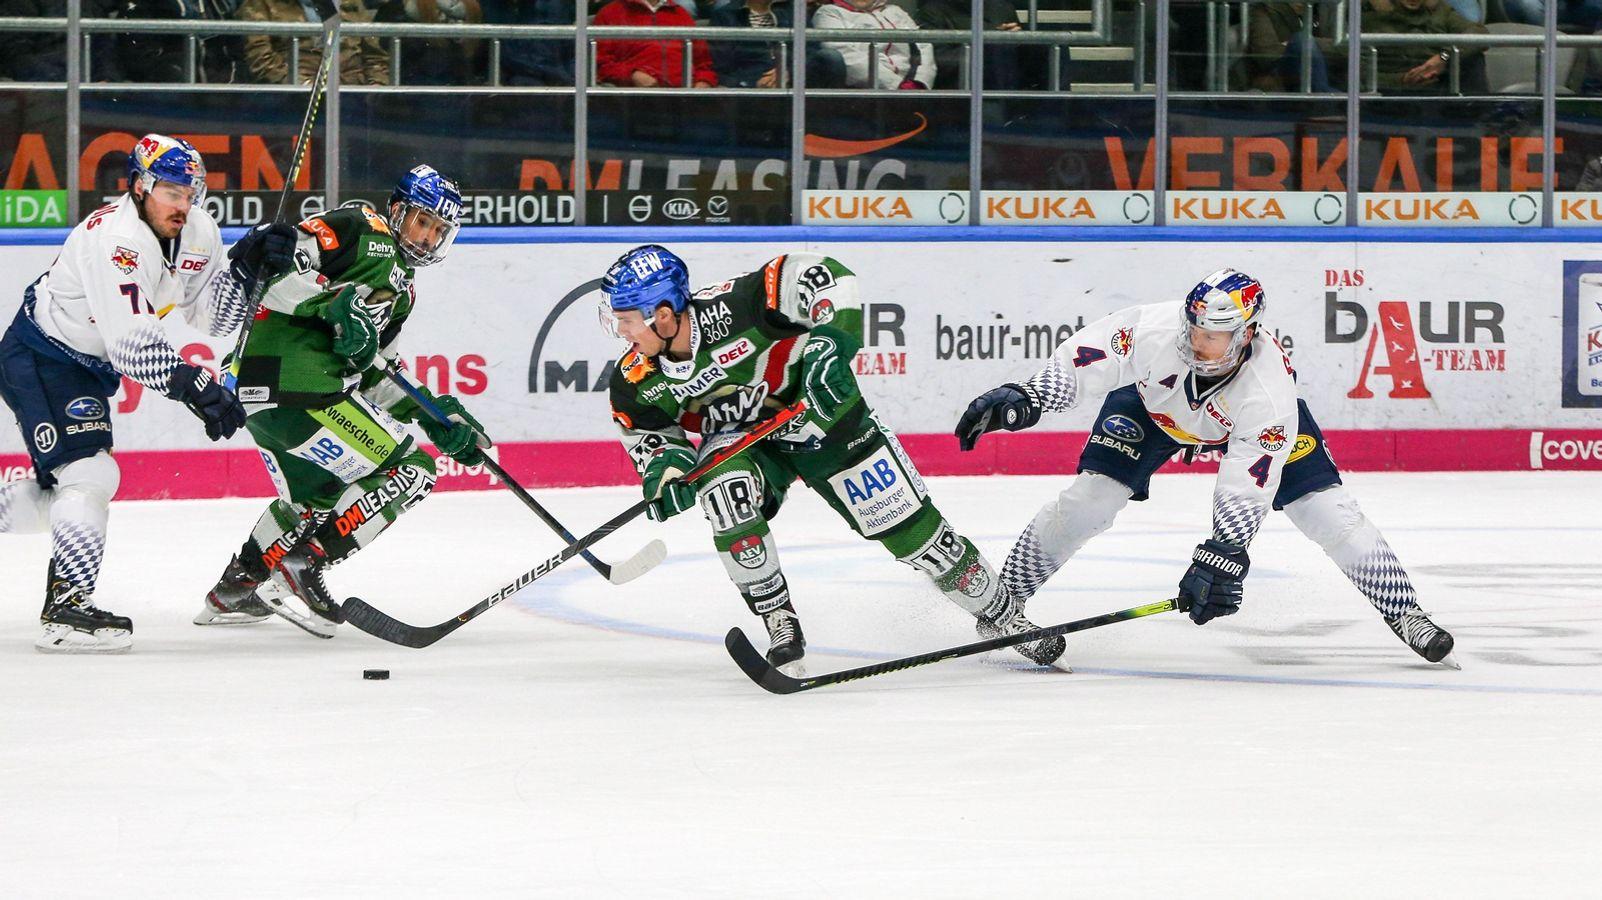 Eishockey: Siege für Augsburg und Straubing in Bayern-Derbys